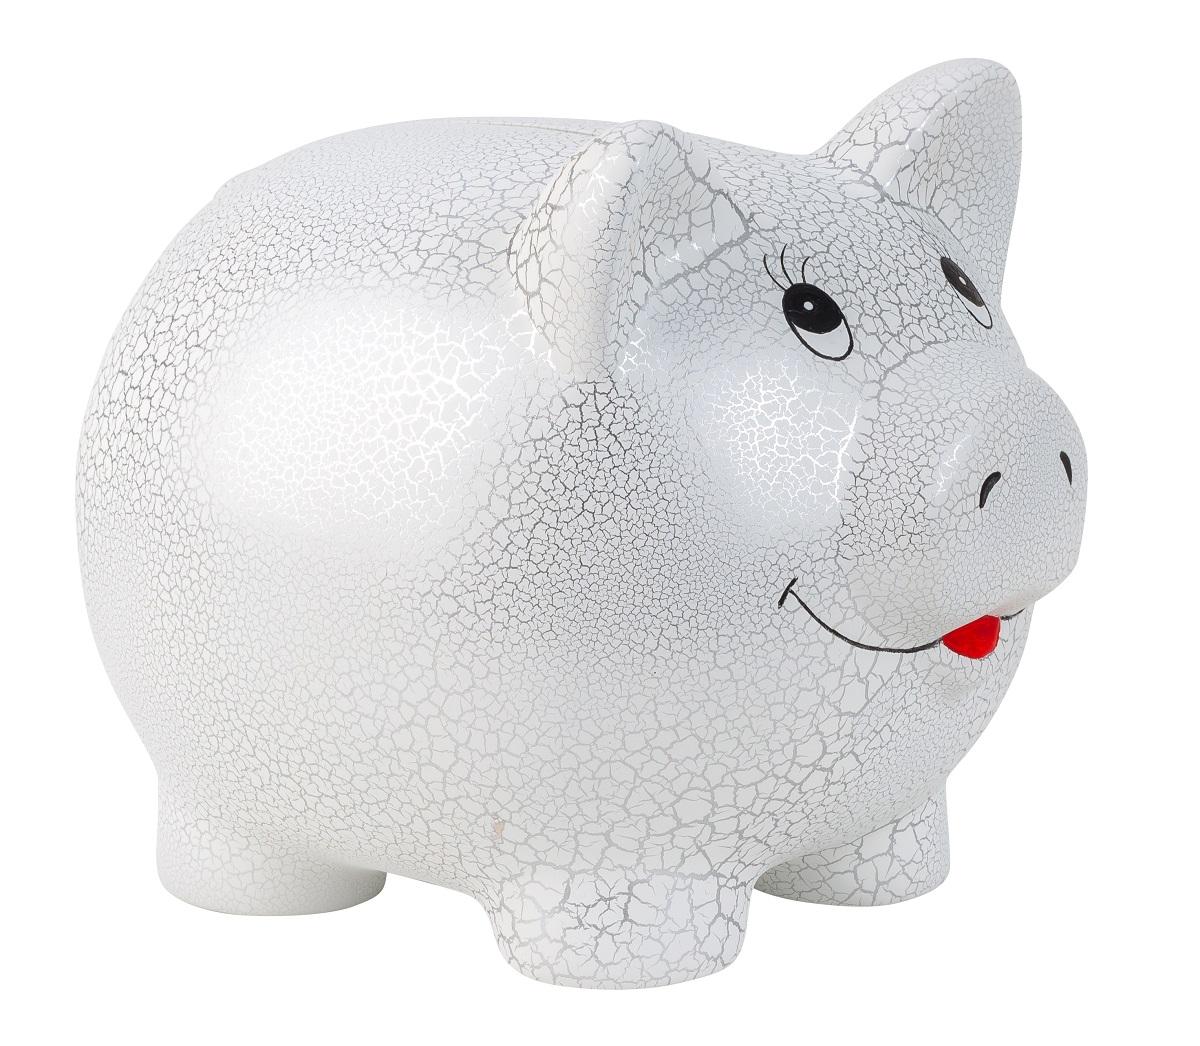 Riesen großes Spraschwein in Weiß Silber